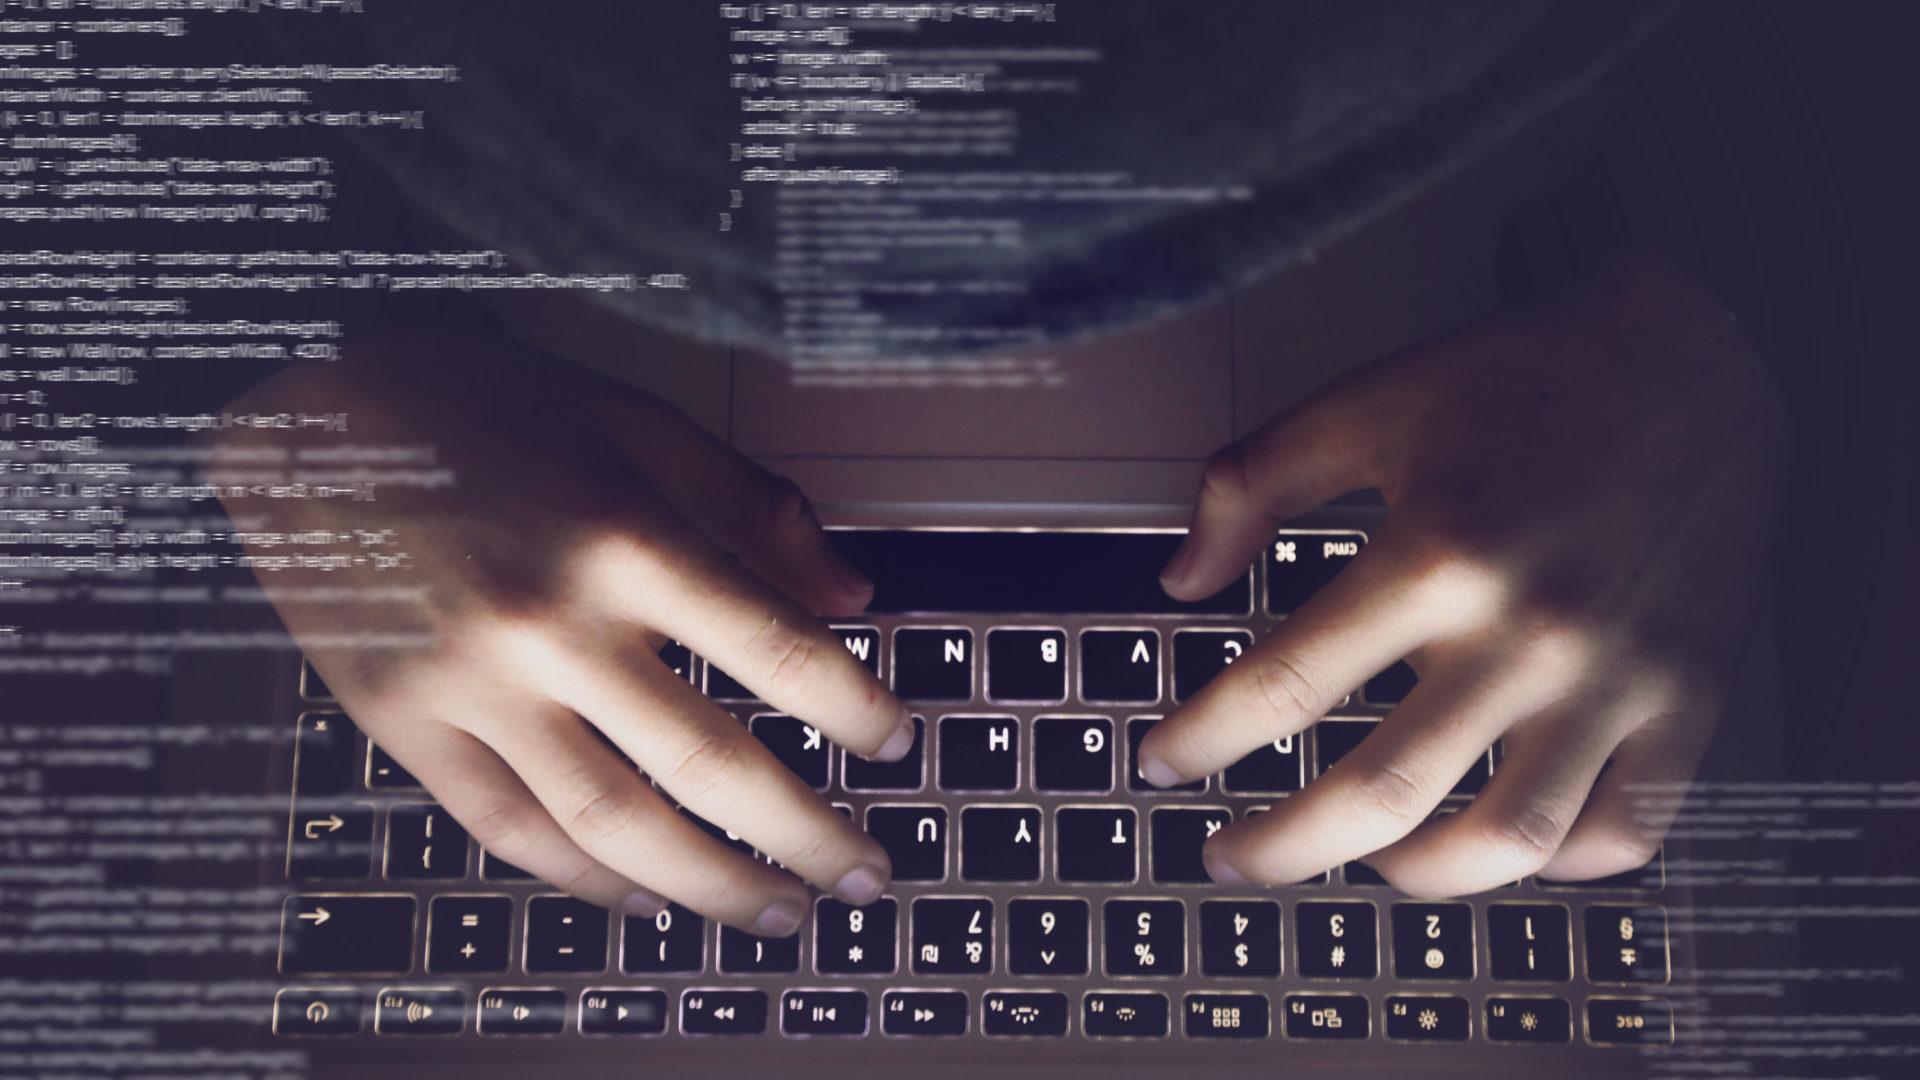 Hakkeri tavoittelee taloudellista voittoa